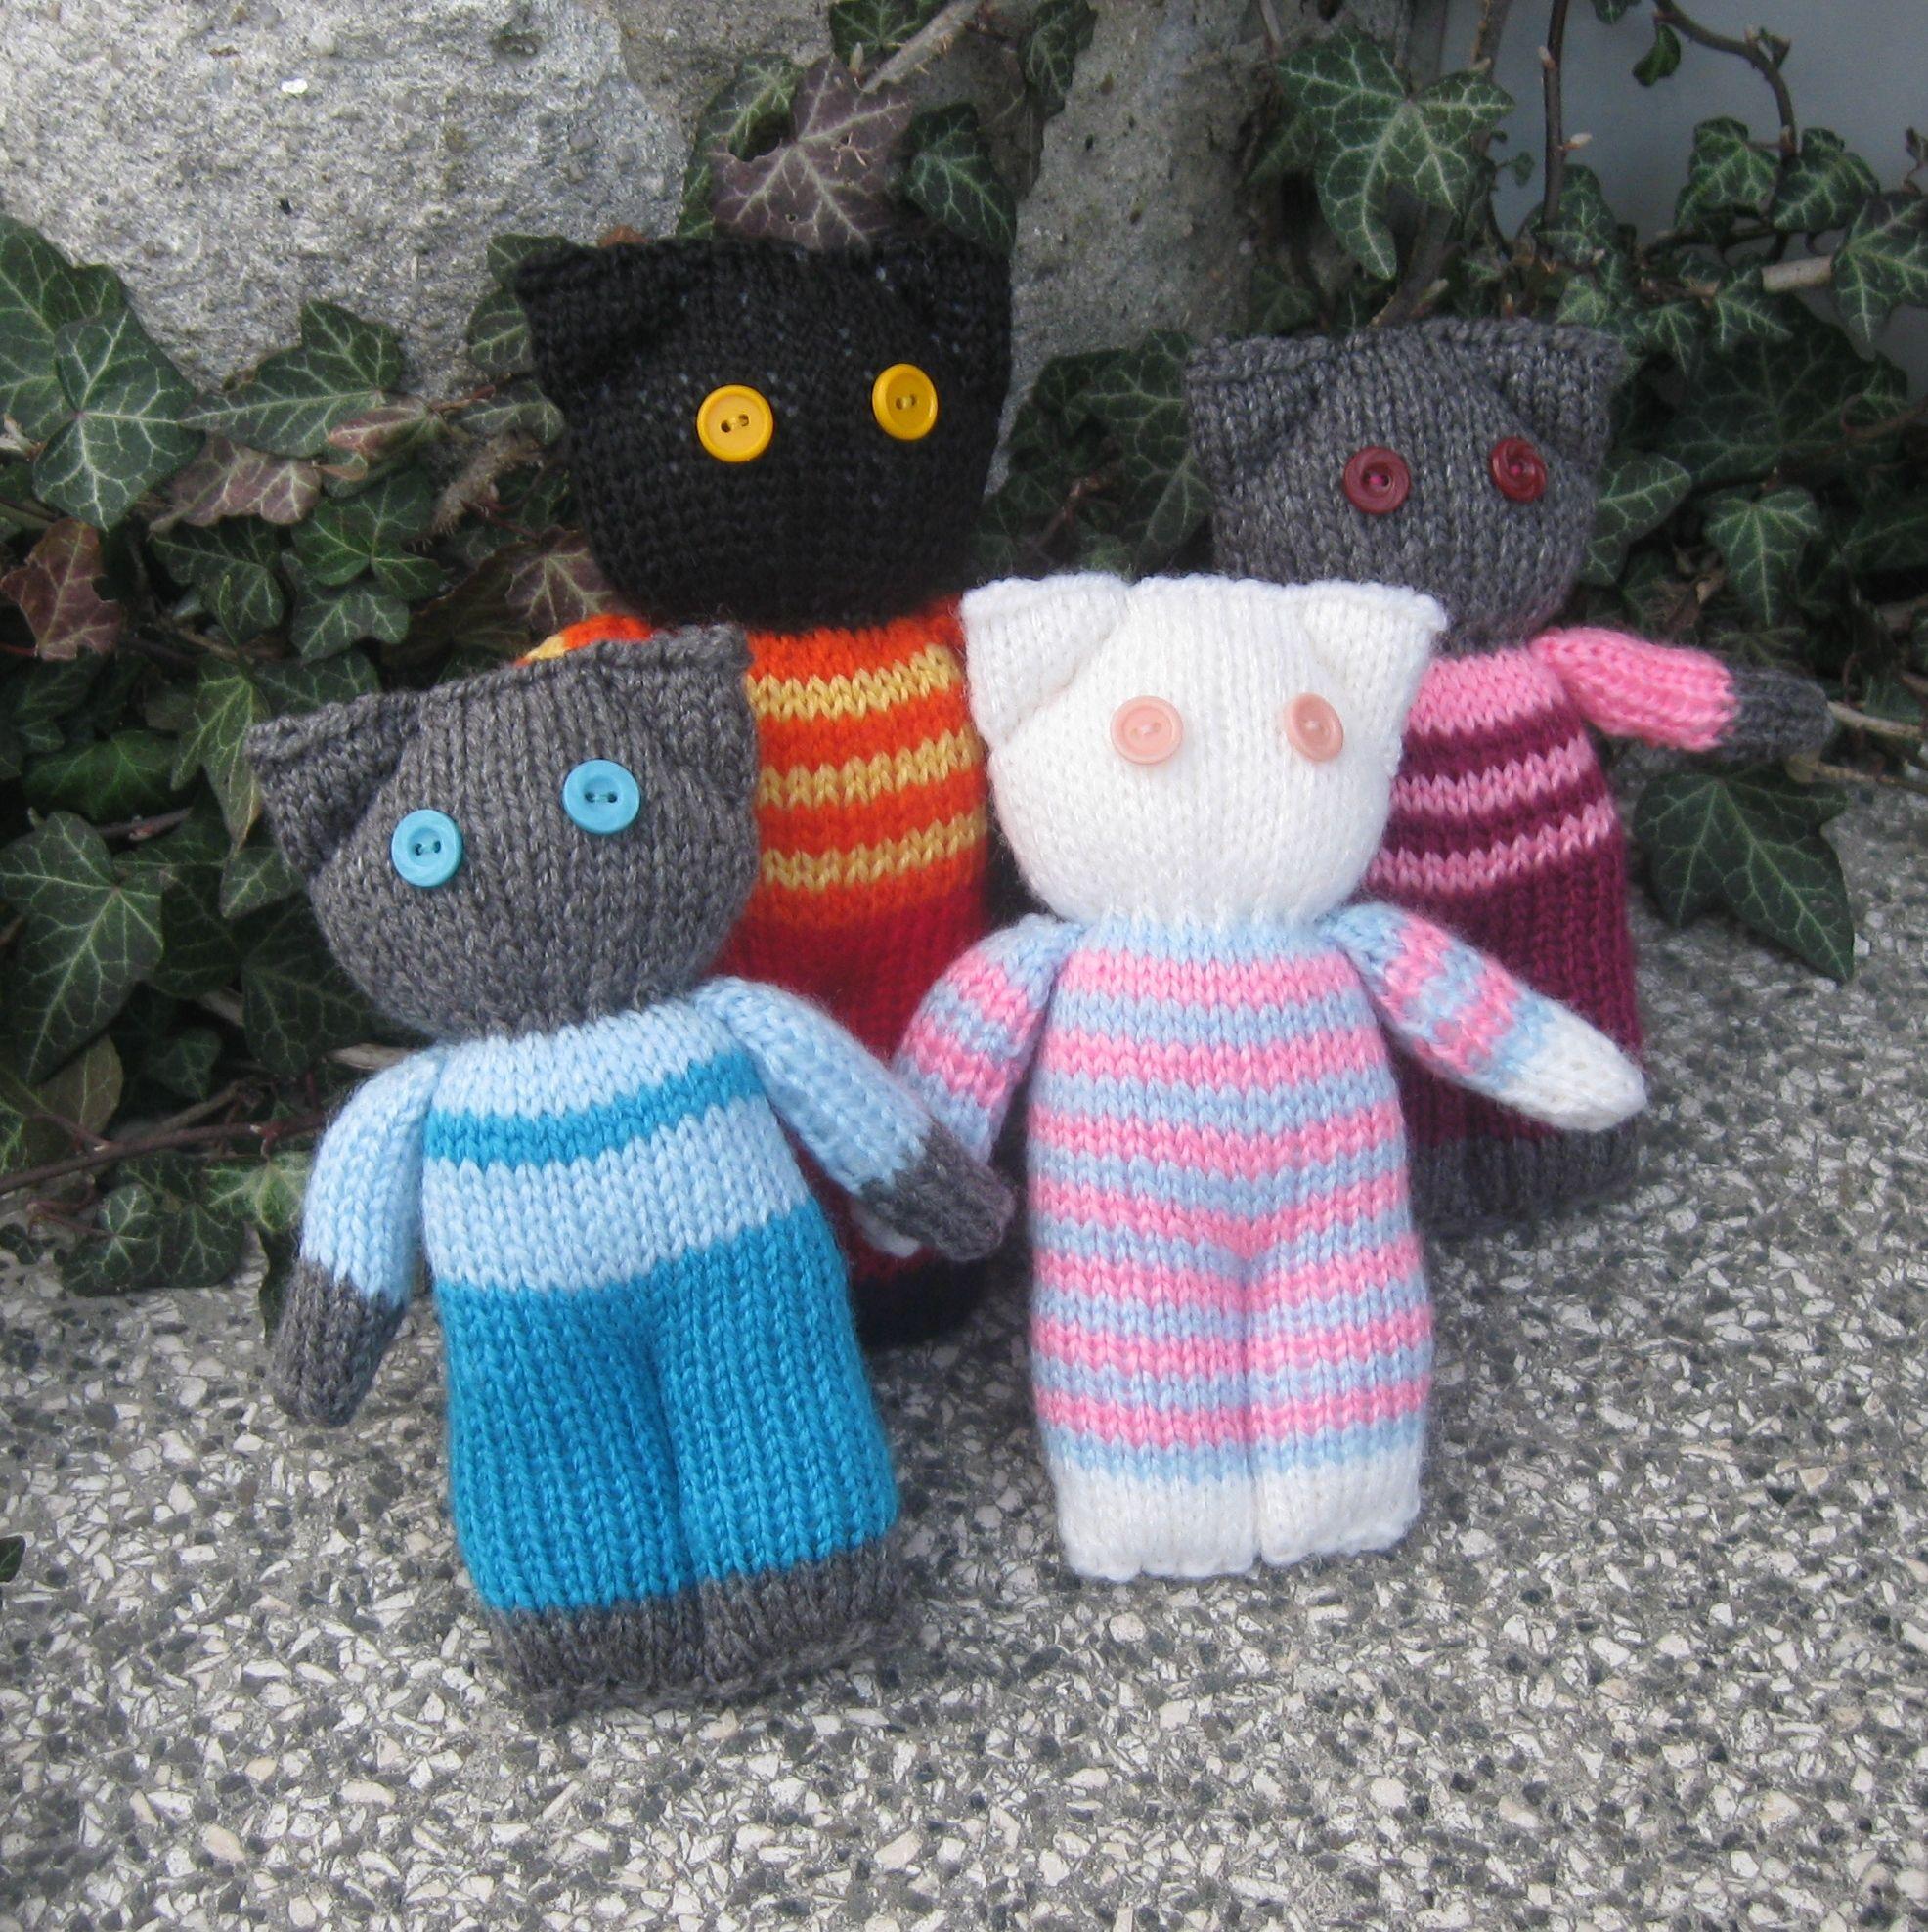 pingl par stanislava lingov sur pleten pinterest knitting knitted dolls et loom knitting. Black Bedroom Furniture Sets. Home Design Ideas